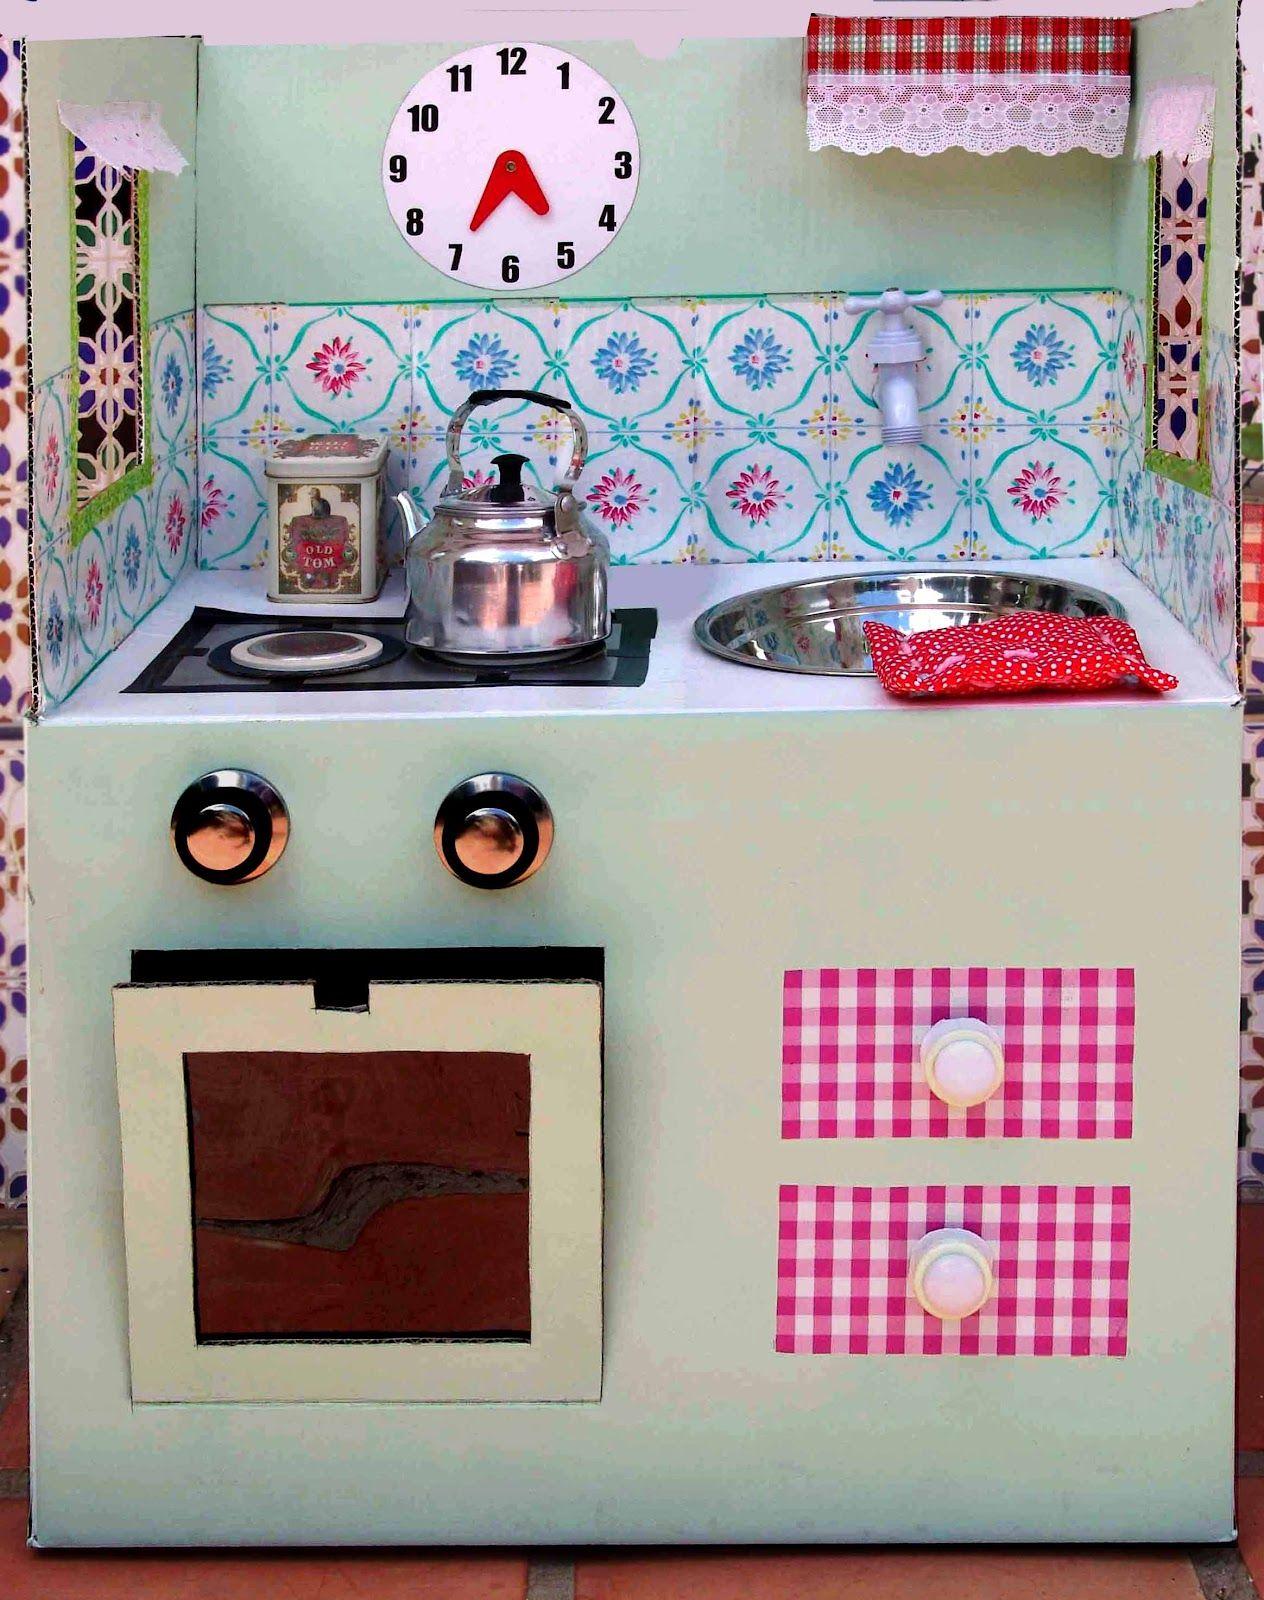 Cocinita De Carton Hecha Con Una Caja De Ikea Cocina De Carton Casa De Juegos De Carton Cocinas De Juguete